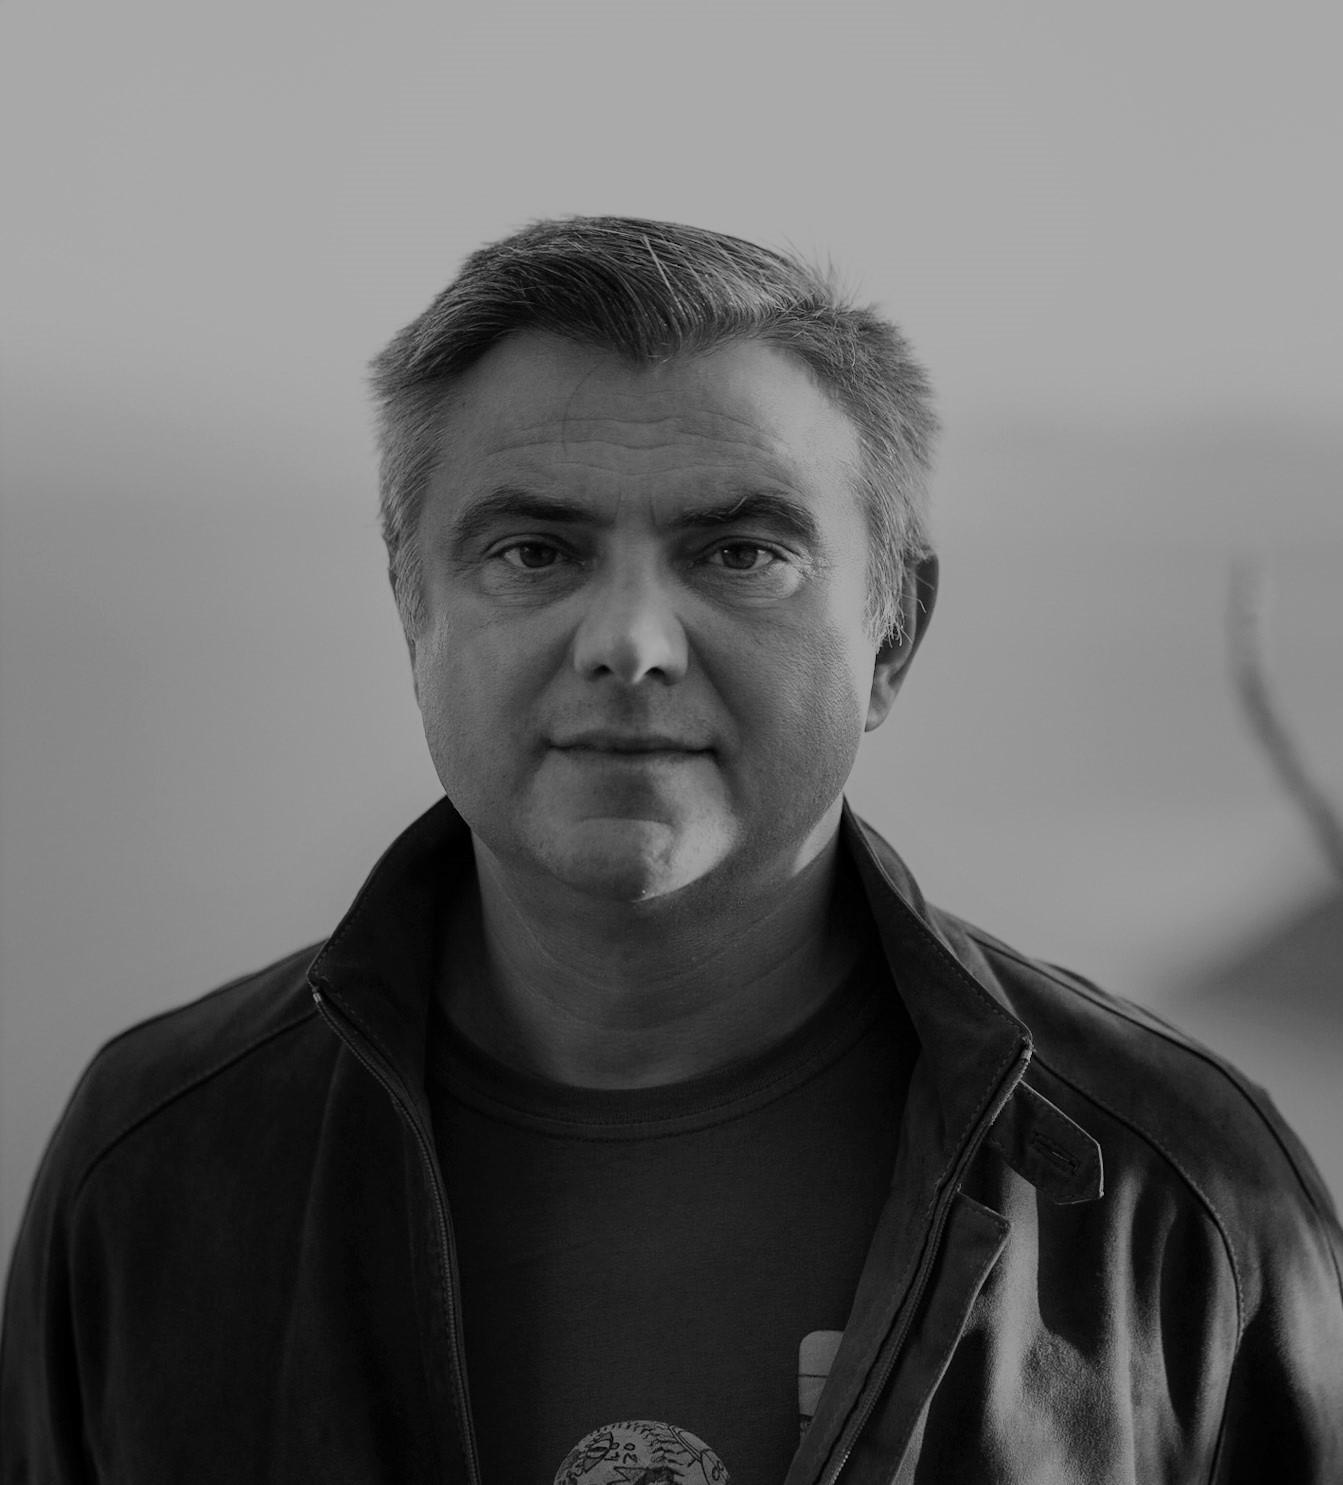 Marius Turda